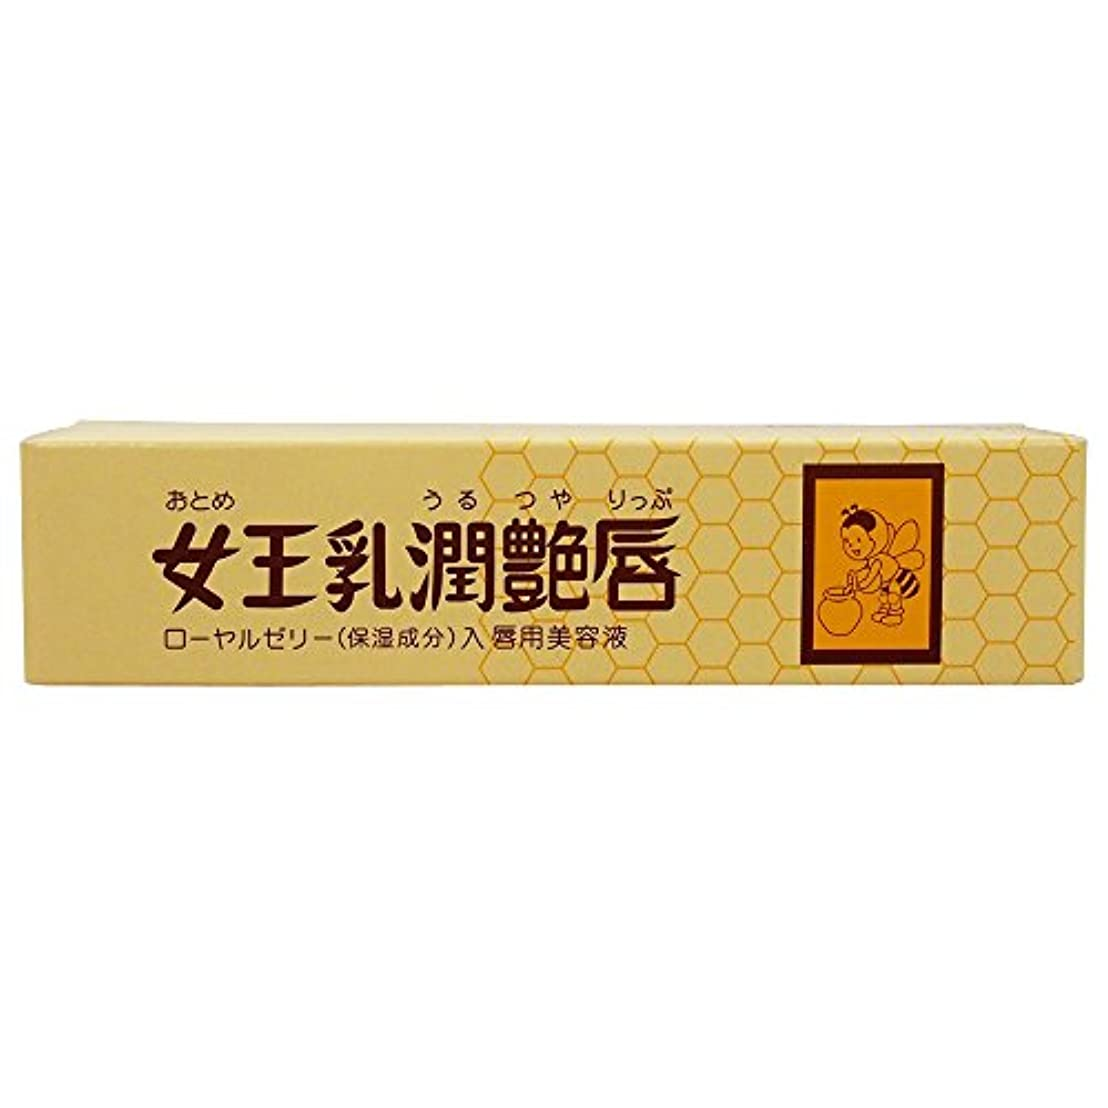 好きである蜜逆に女王乳潤艶唇 (13g)